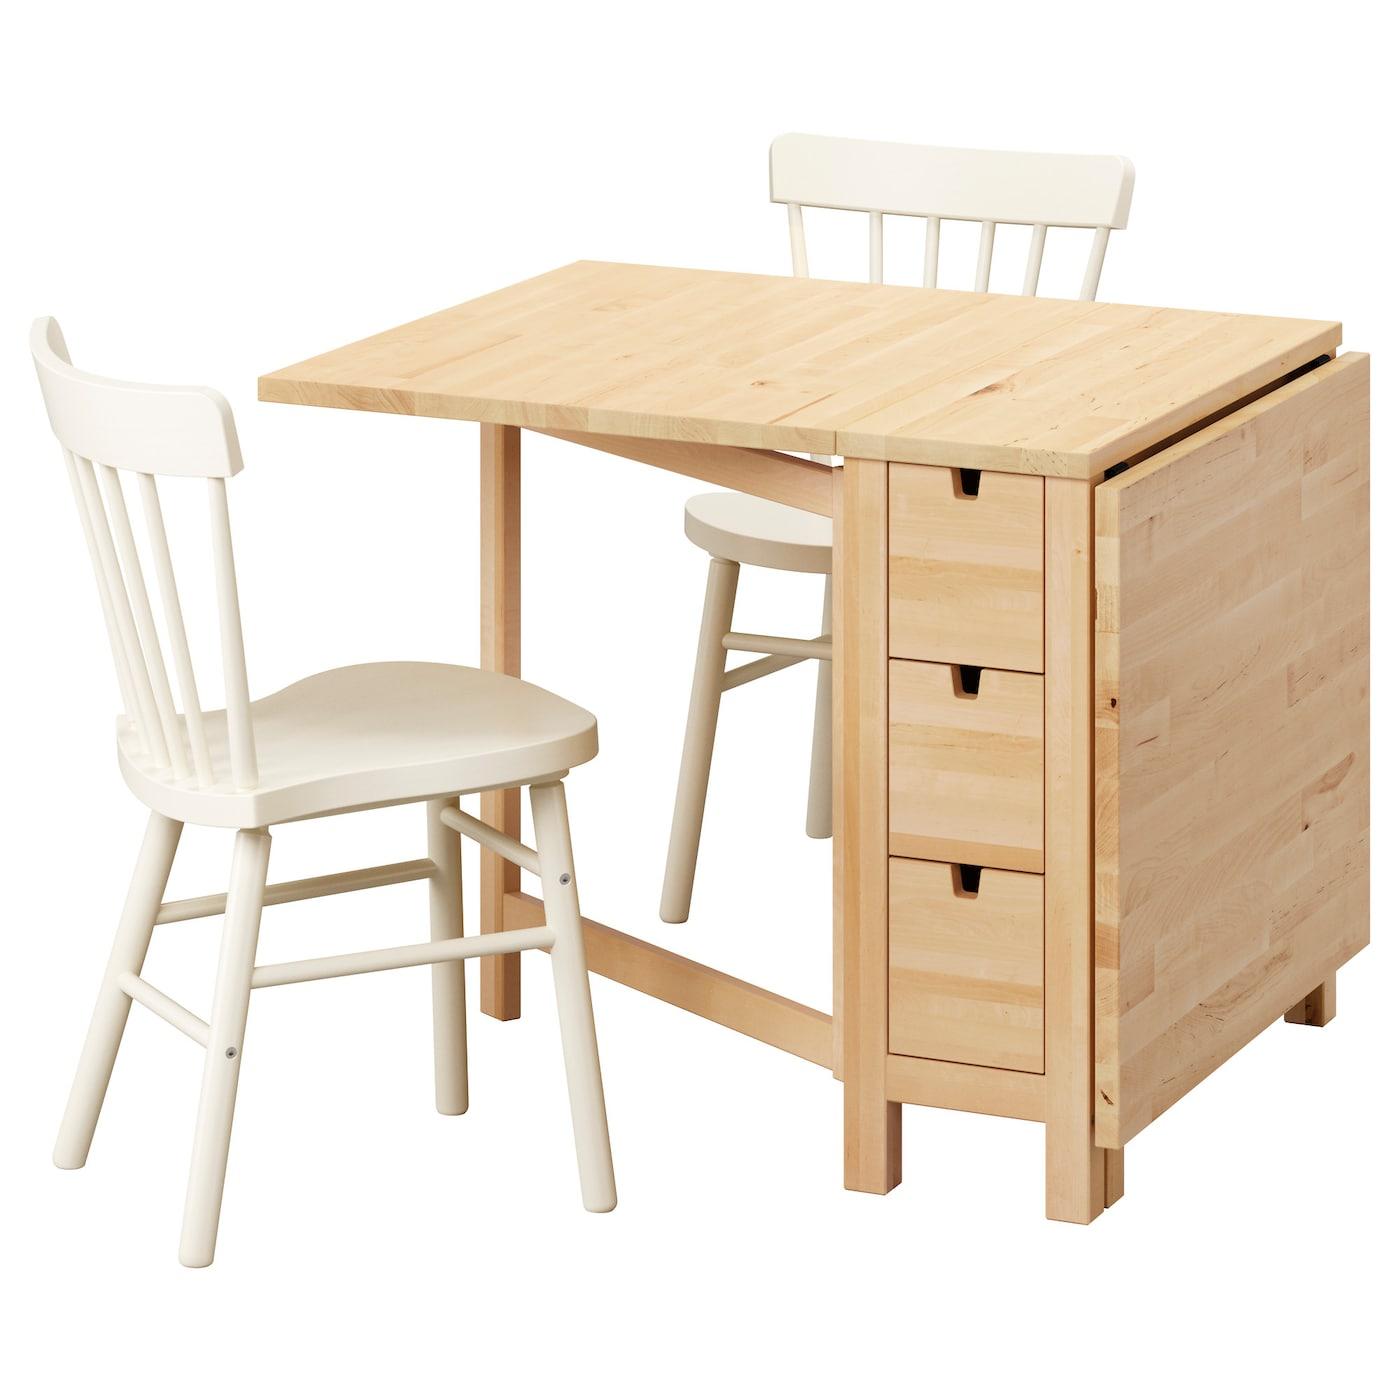 Eetkamersets voor max 2 stoelen eetkamerset ikea for Ikea kinderstoel en tafel